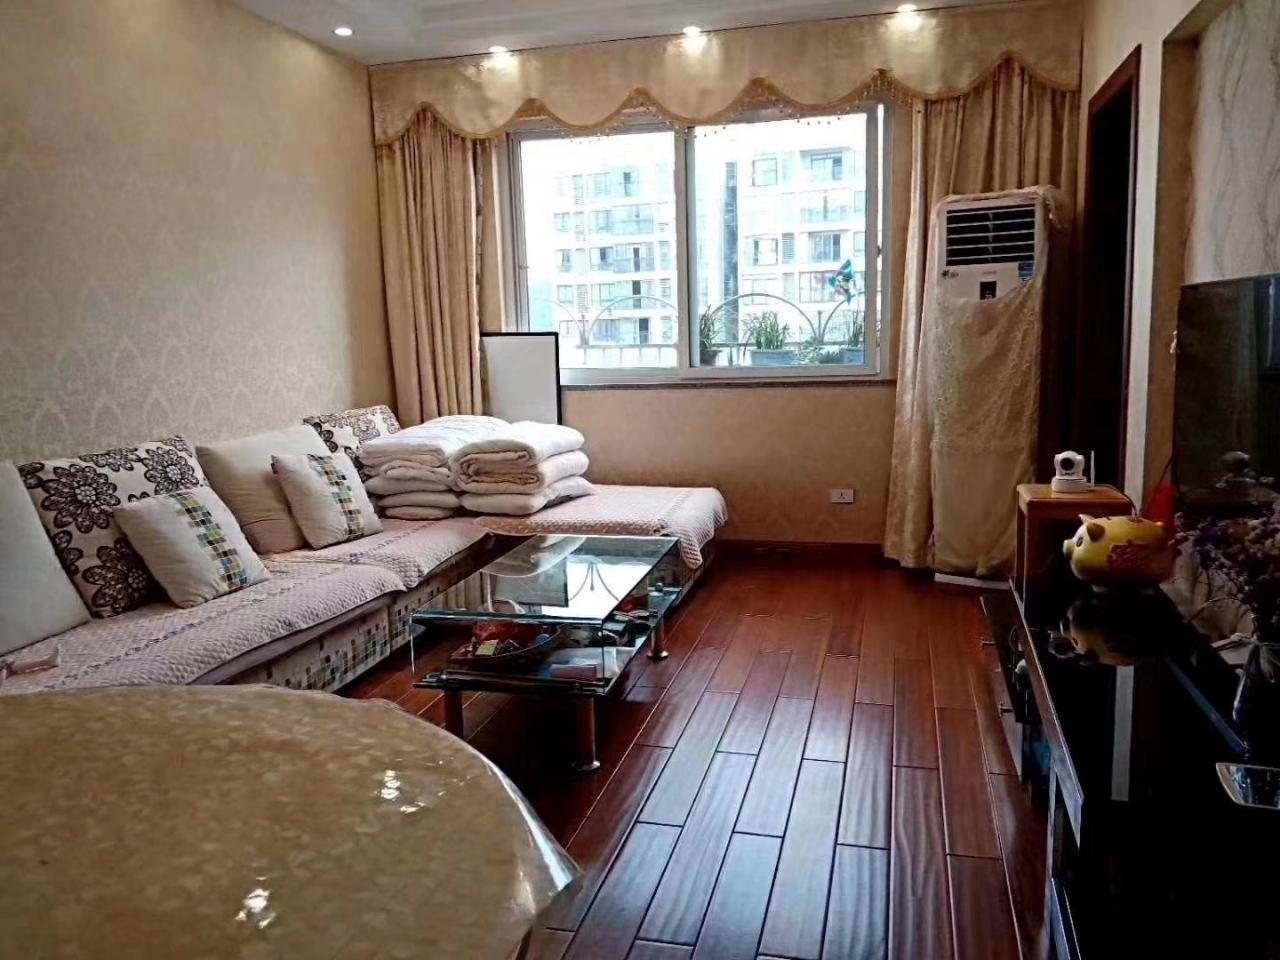 世纪五龙城2室 2厅 1卫48万元